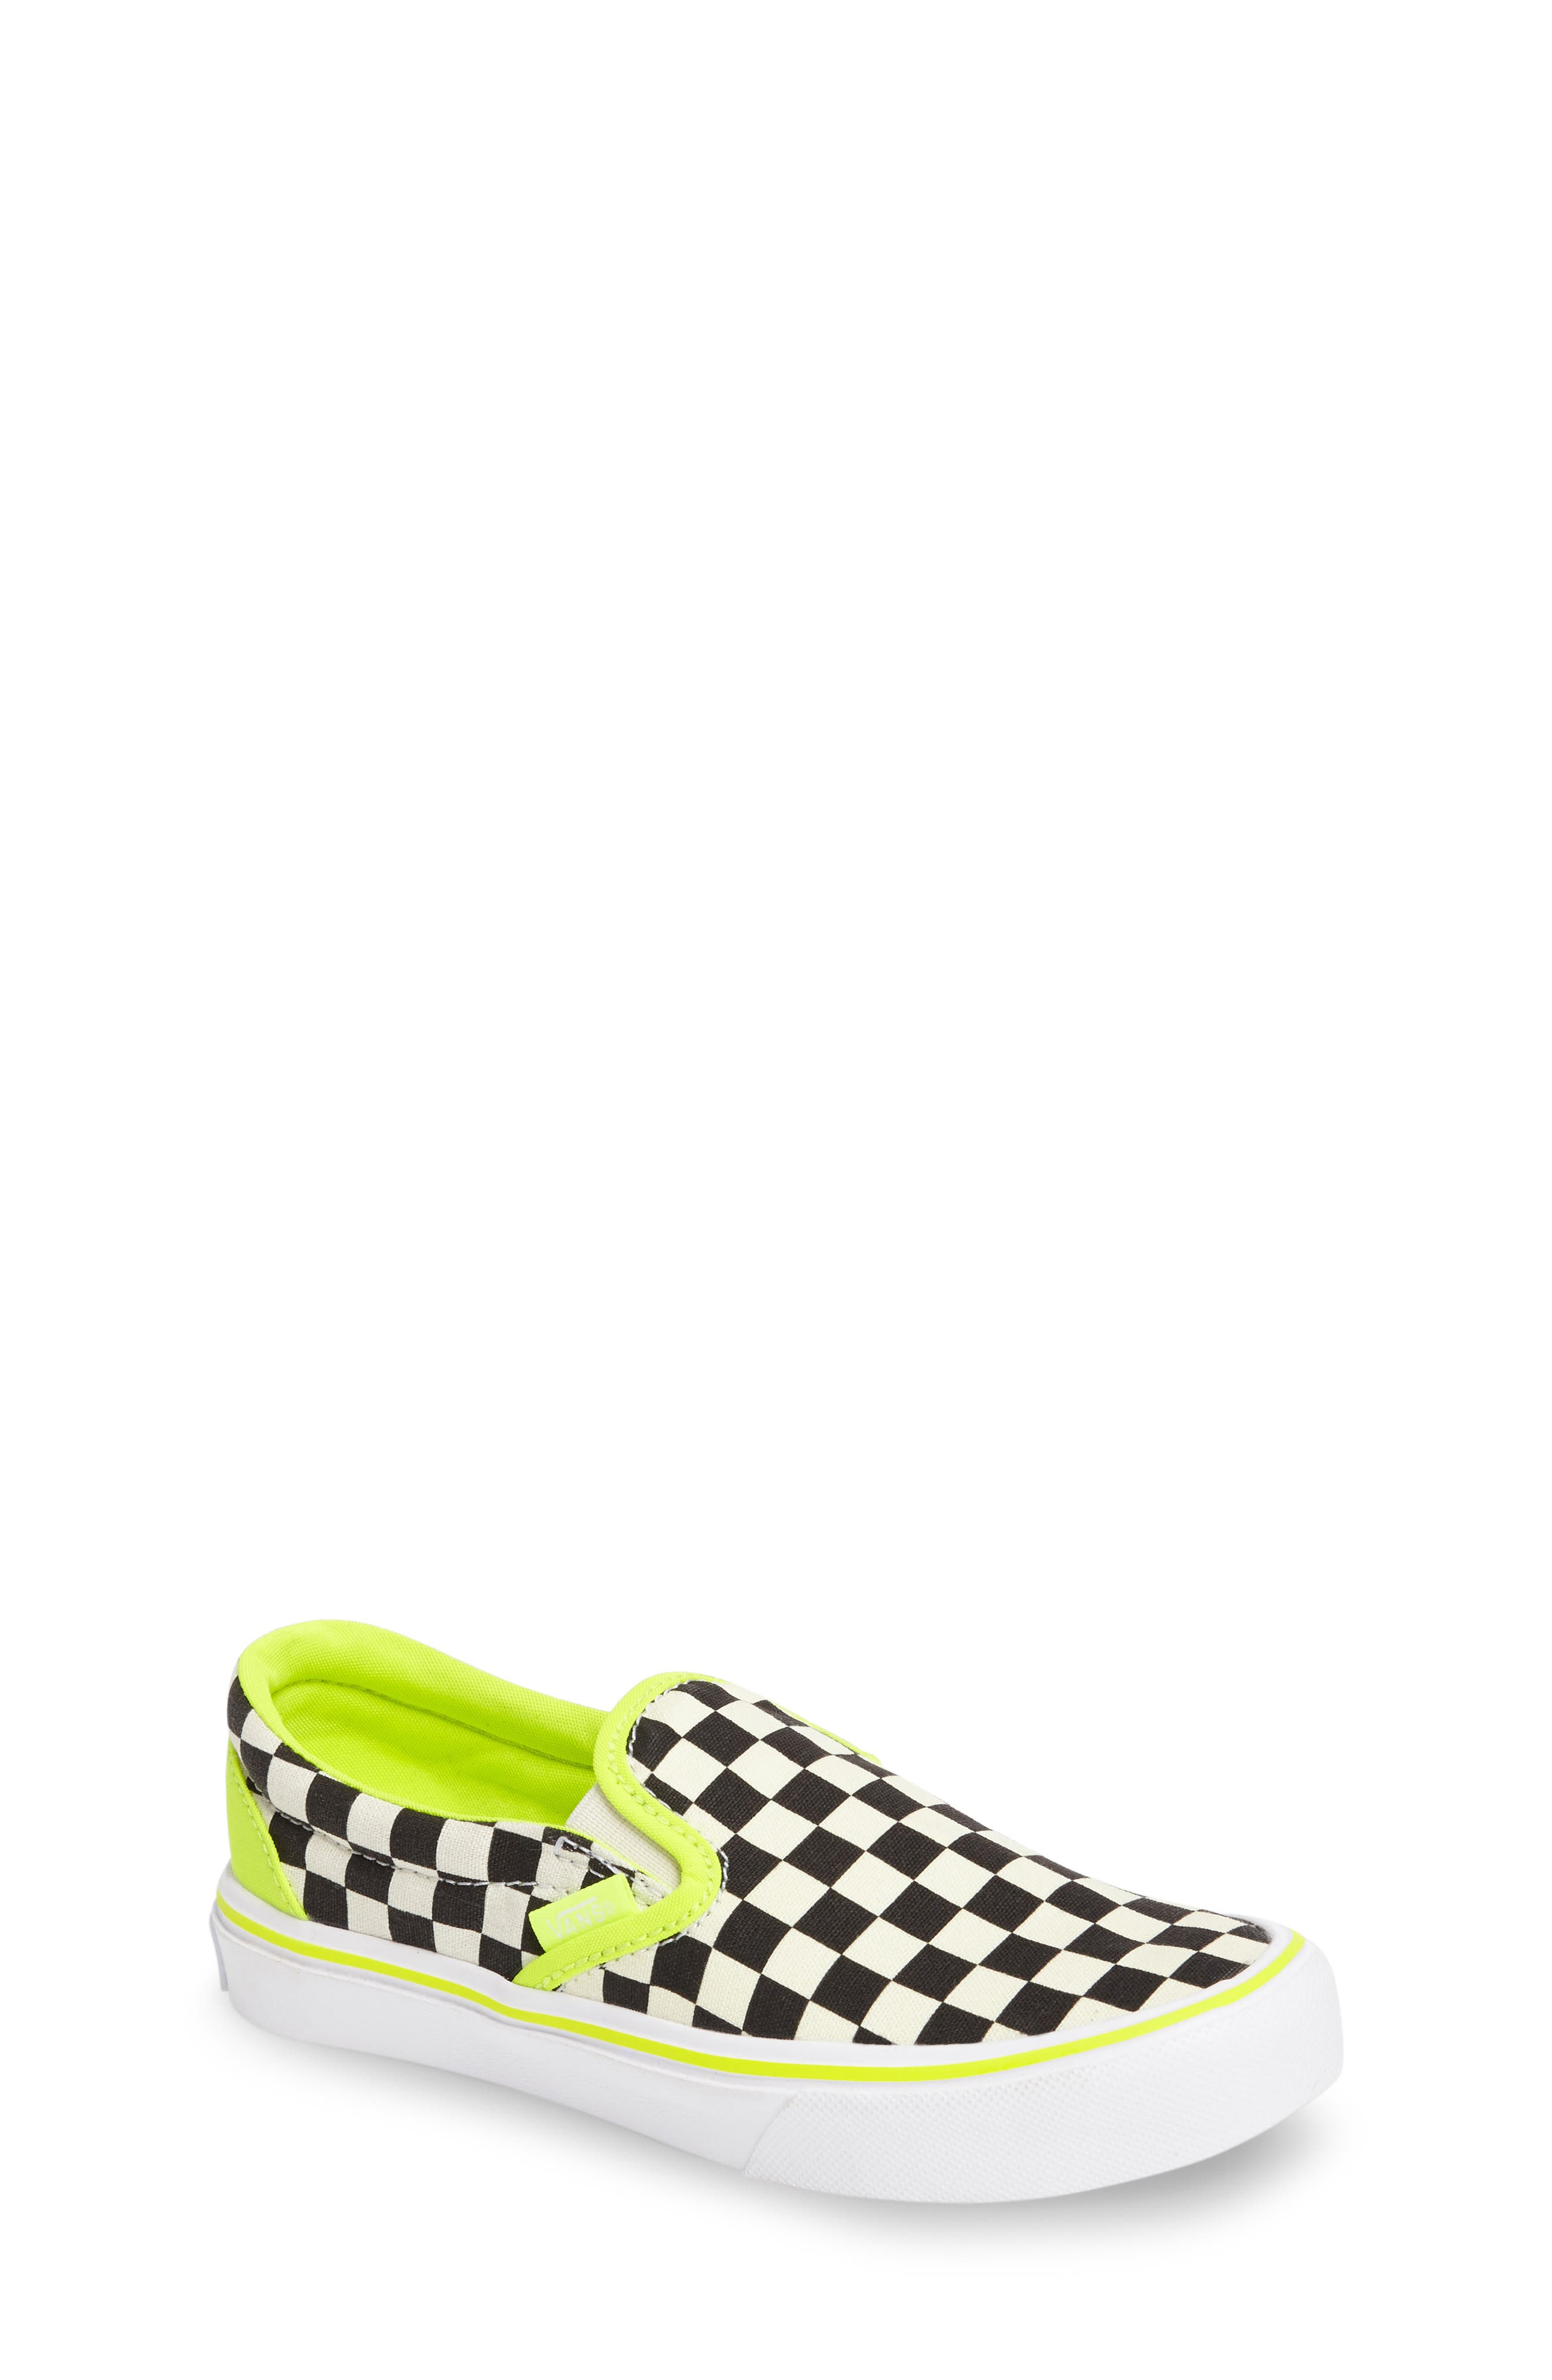 Classic Freshness Slip-On Lite Sneaker,                             Main thumbnail 1, color,                             Freshness Classic White/Black